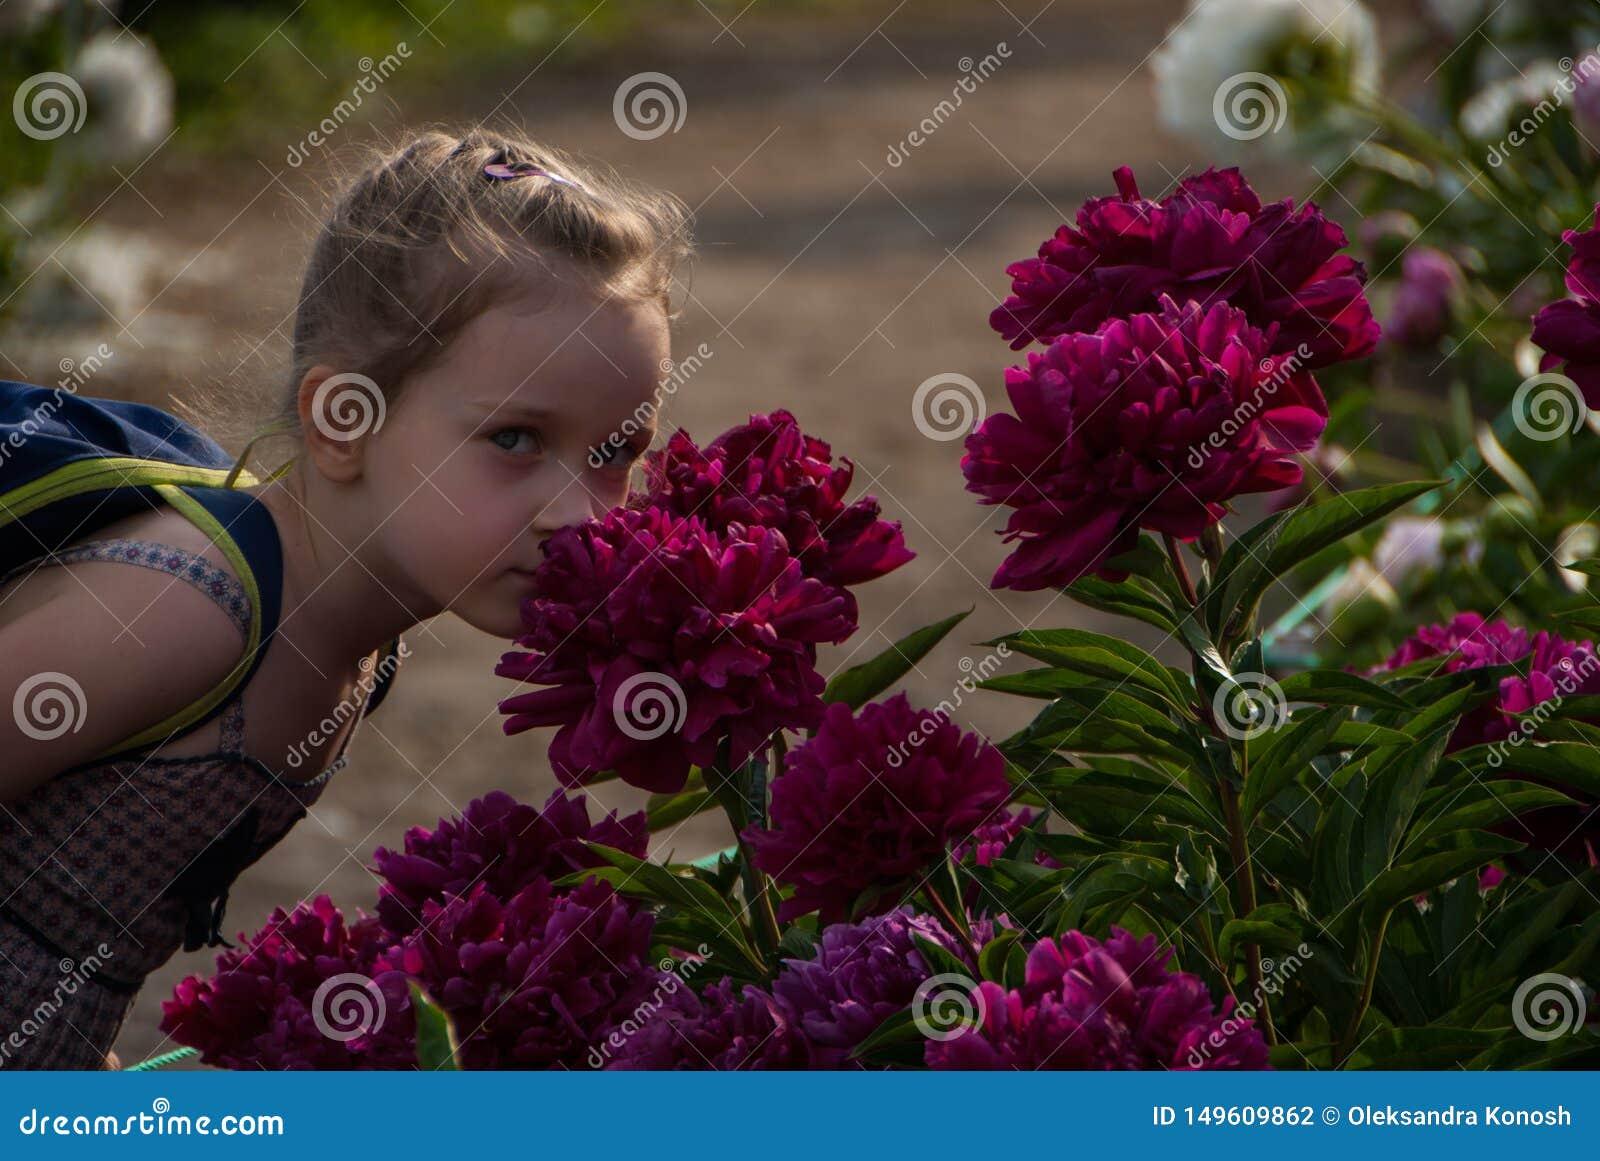 Небольшая славная девушка с красивыми глазами пахнуть цветками пиона в парке